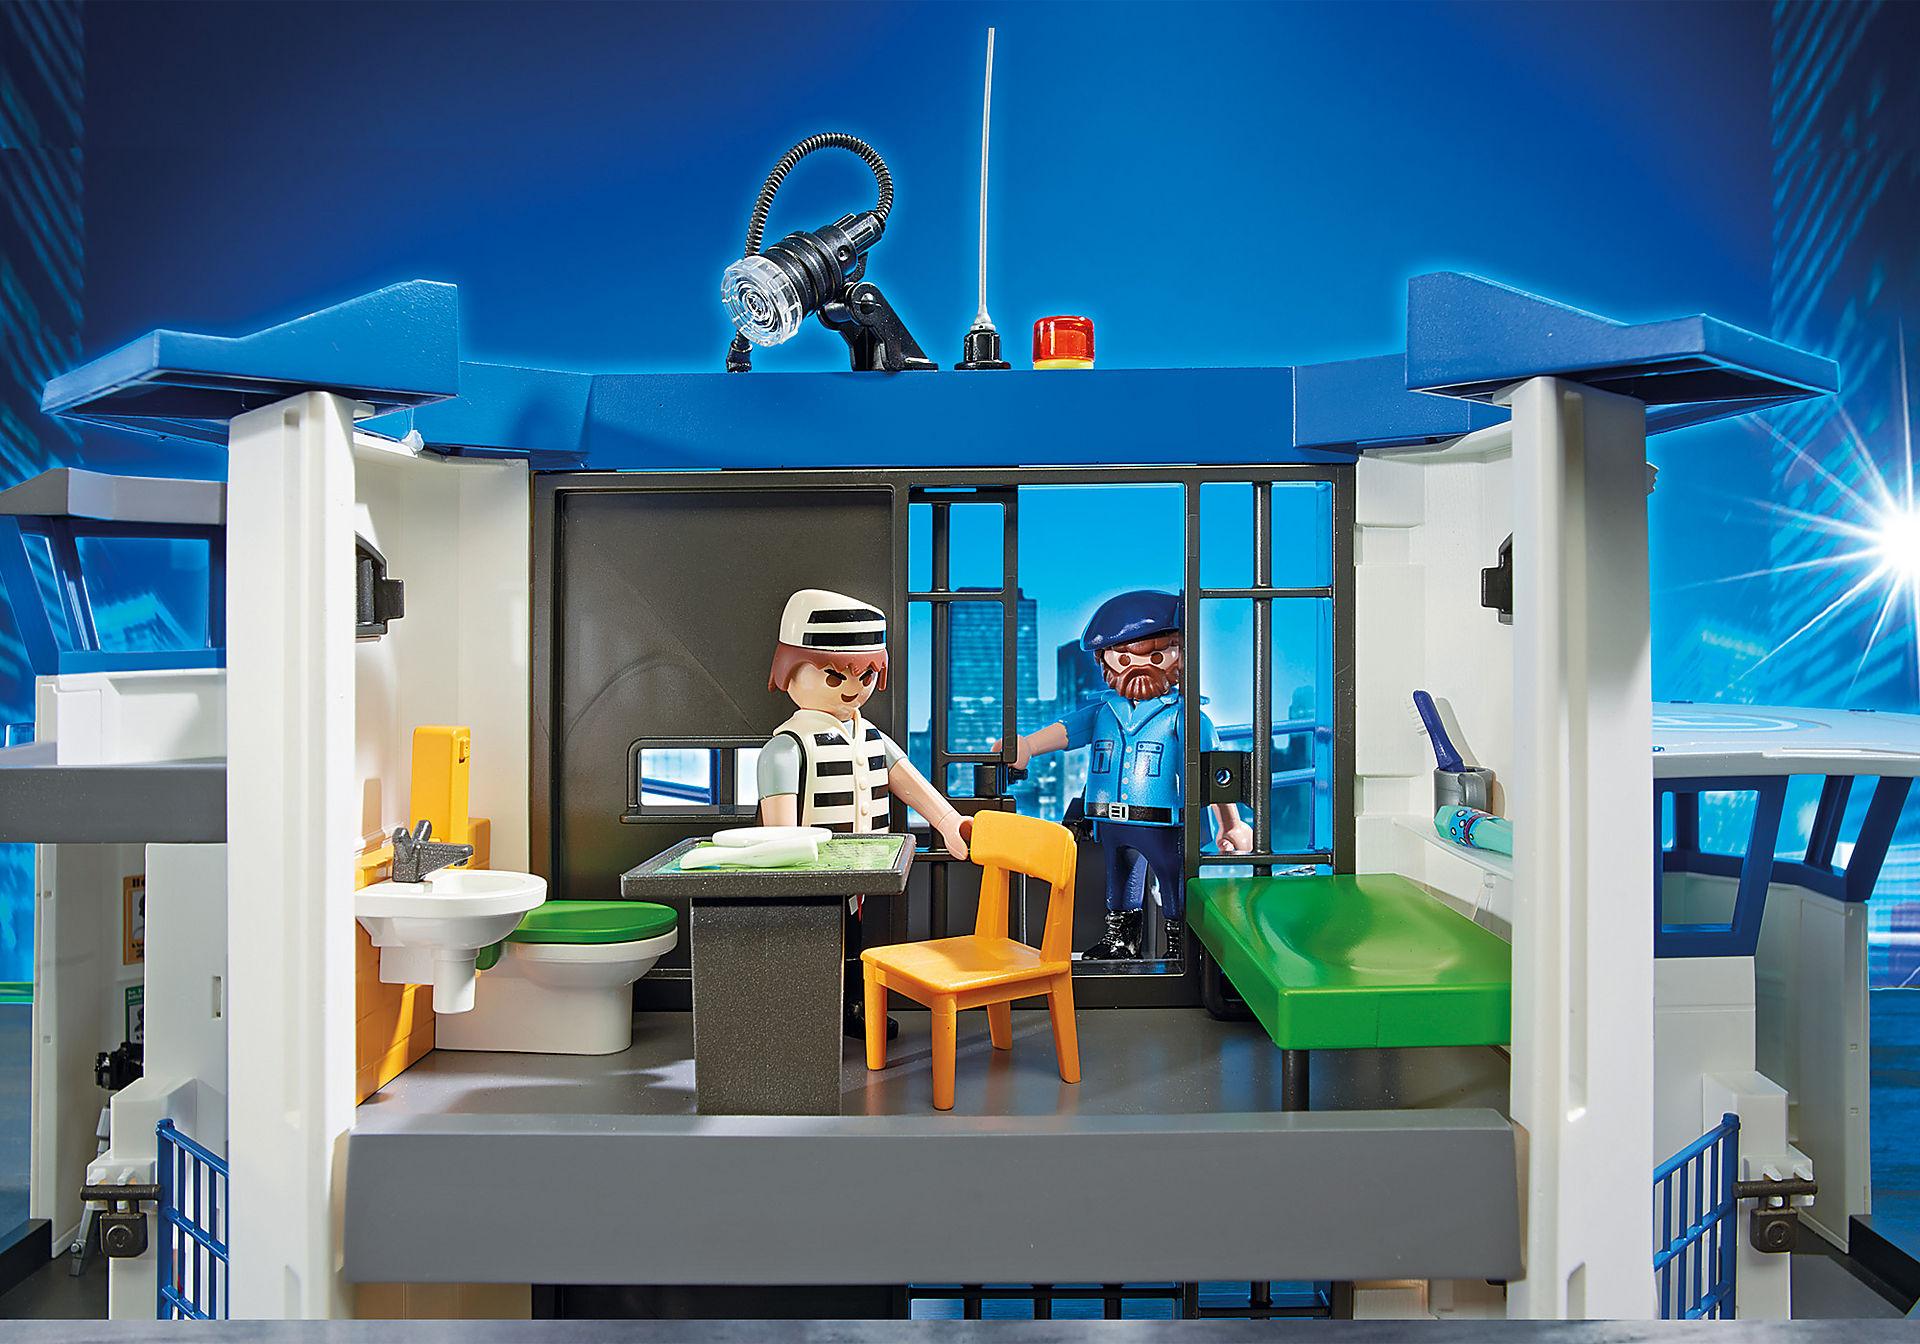 6919 Stazione della polizia con prigione zoom image7